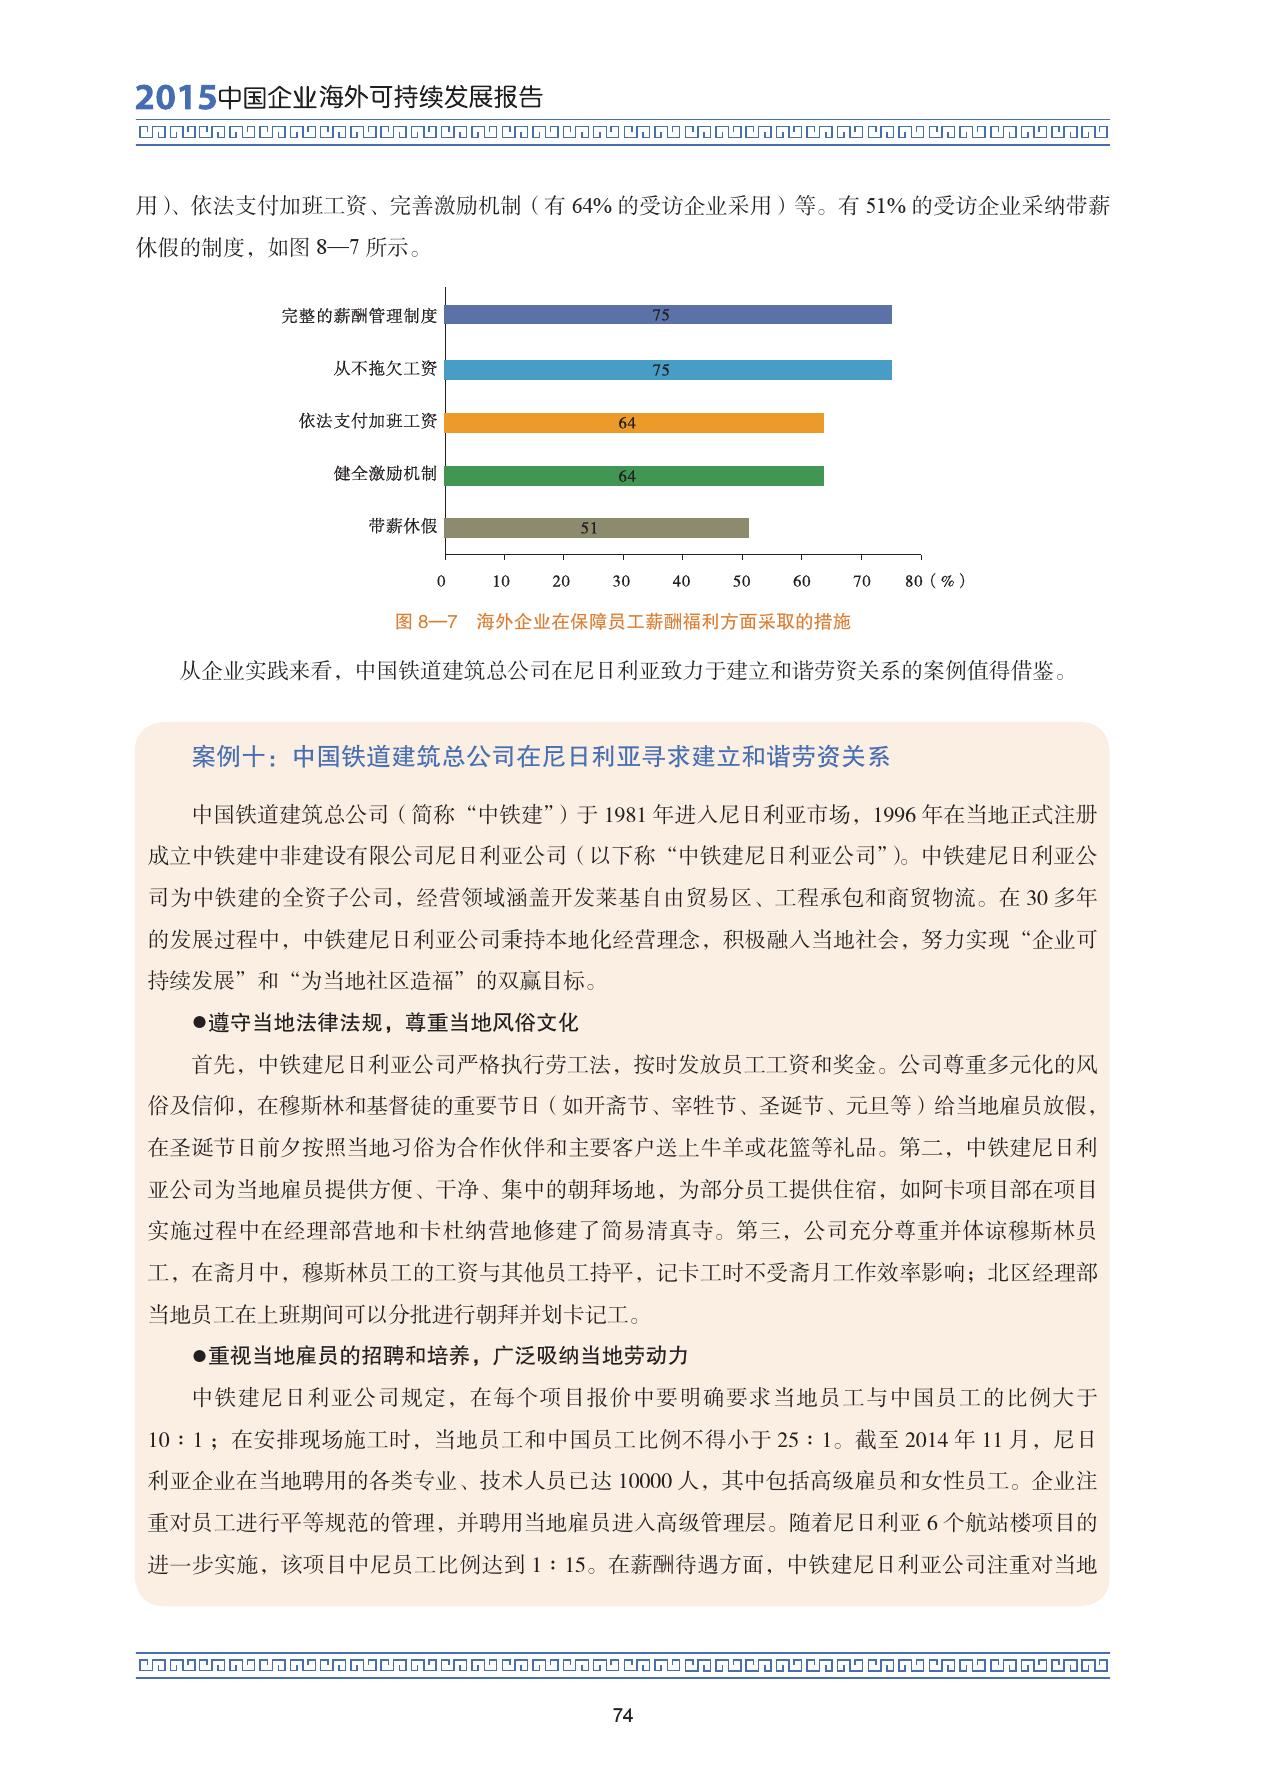 2015中国企业海外可持续发展报告_000088